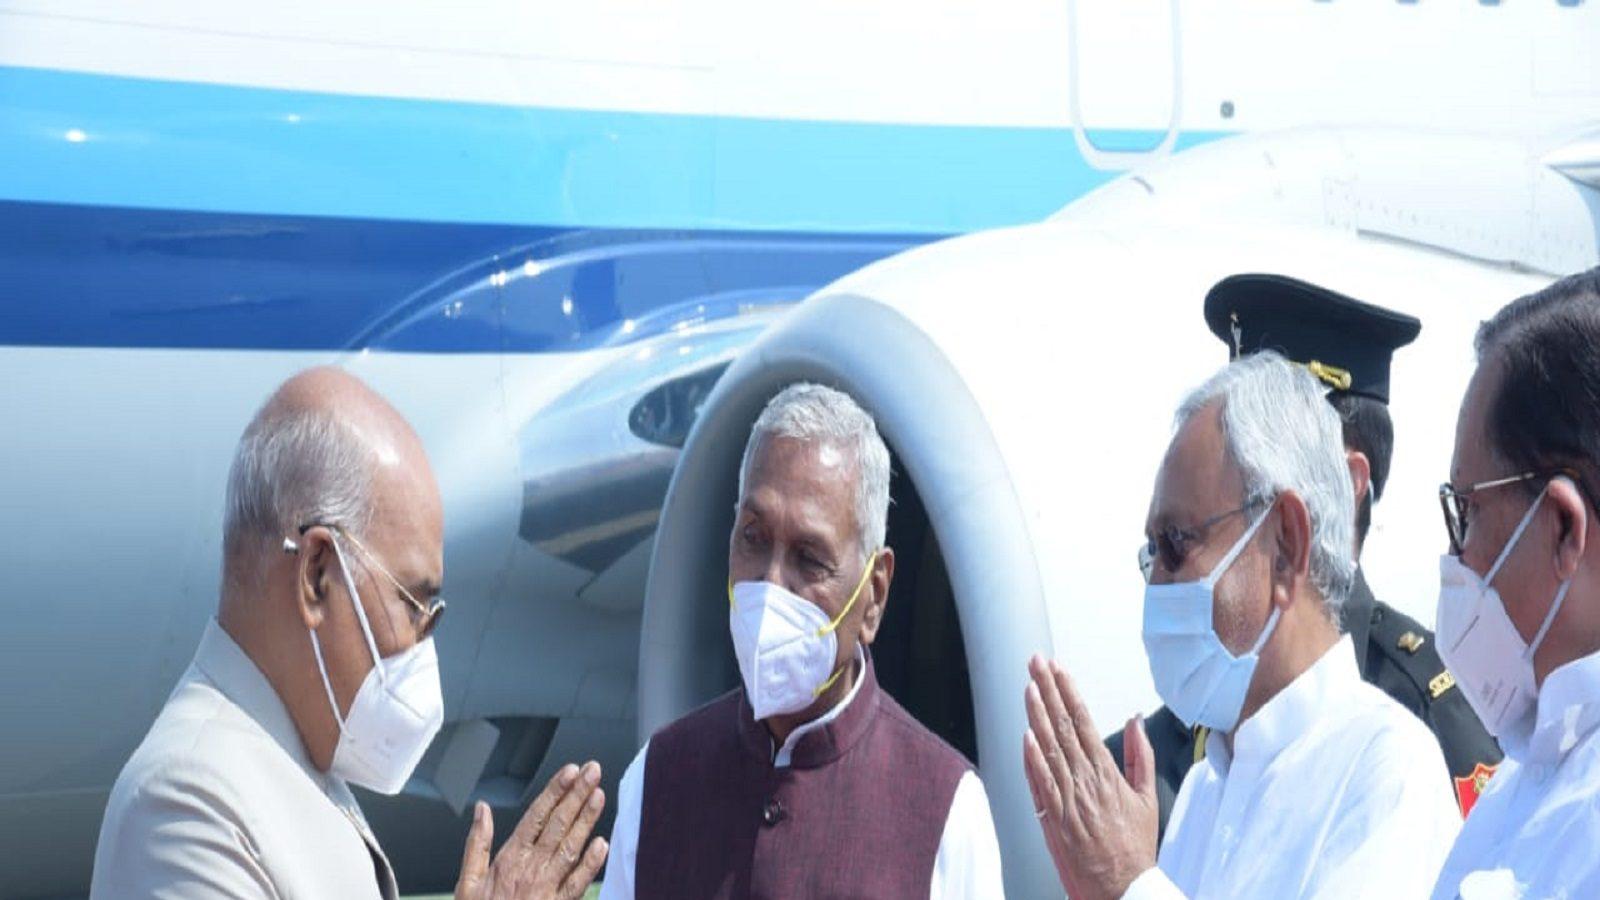 राष्ट्रपति रामनाथ कोविंद पहुंचे पटना, बिहार विधानसभा के शताब्दी समारोह में होंगे शामिल, देखिये तस्वीरें